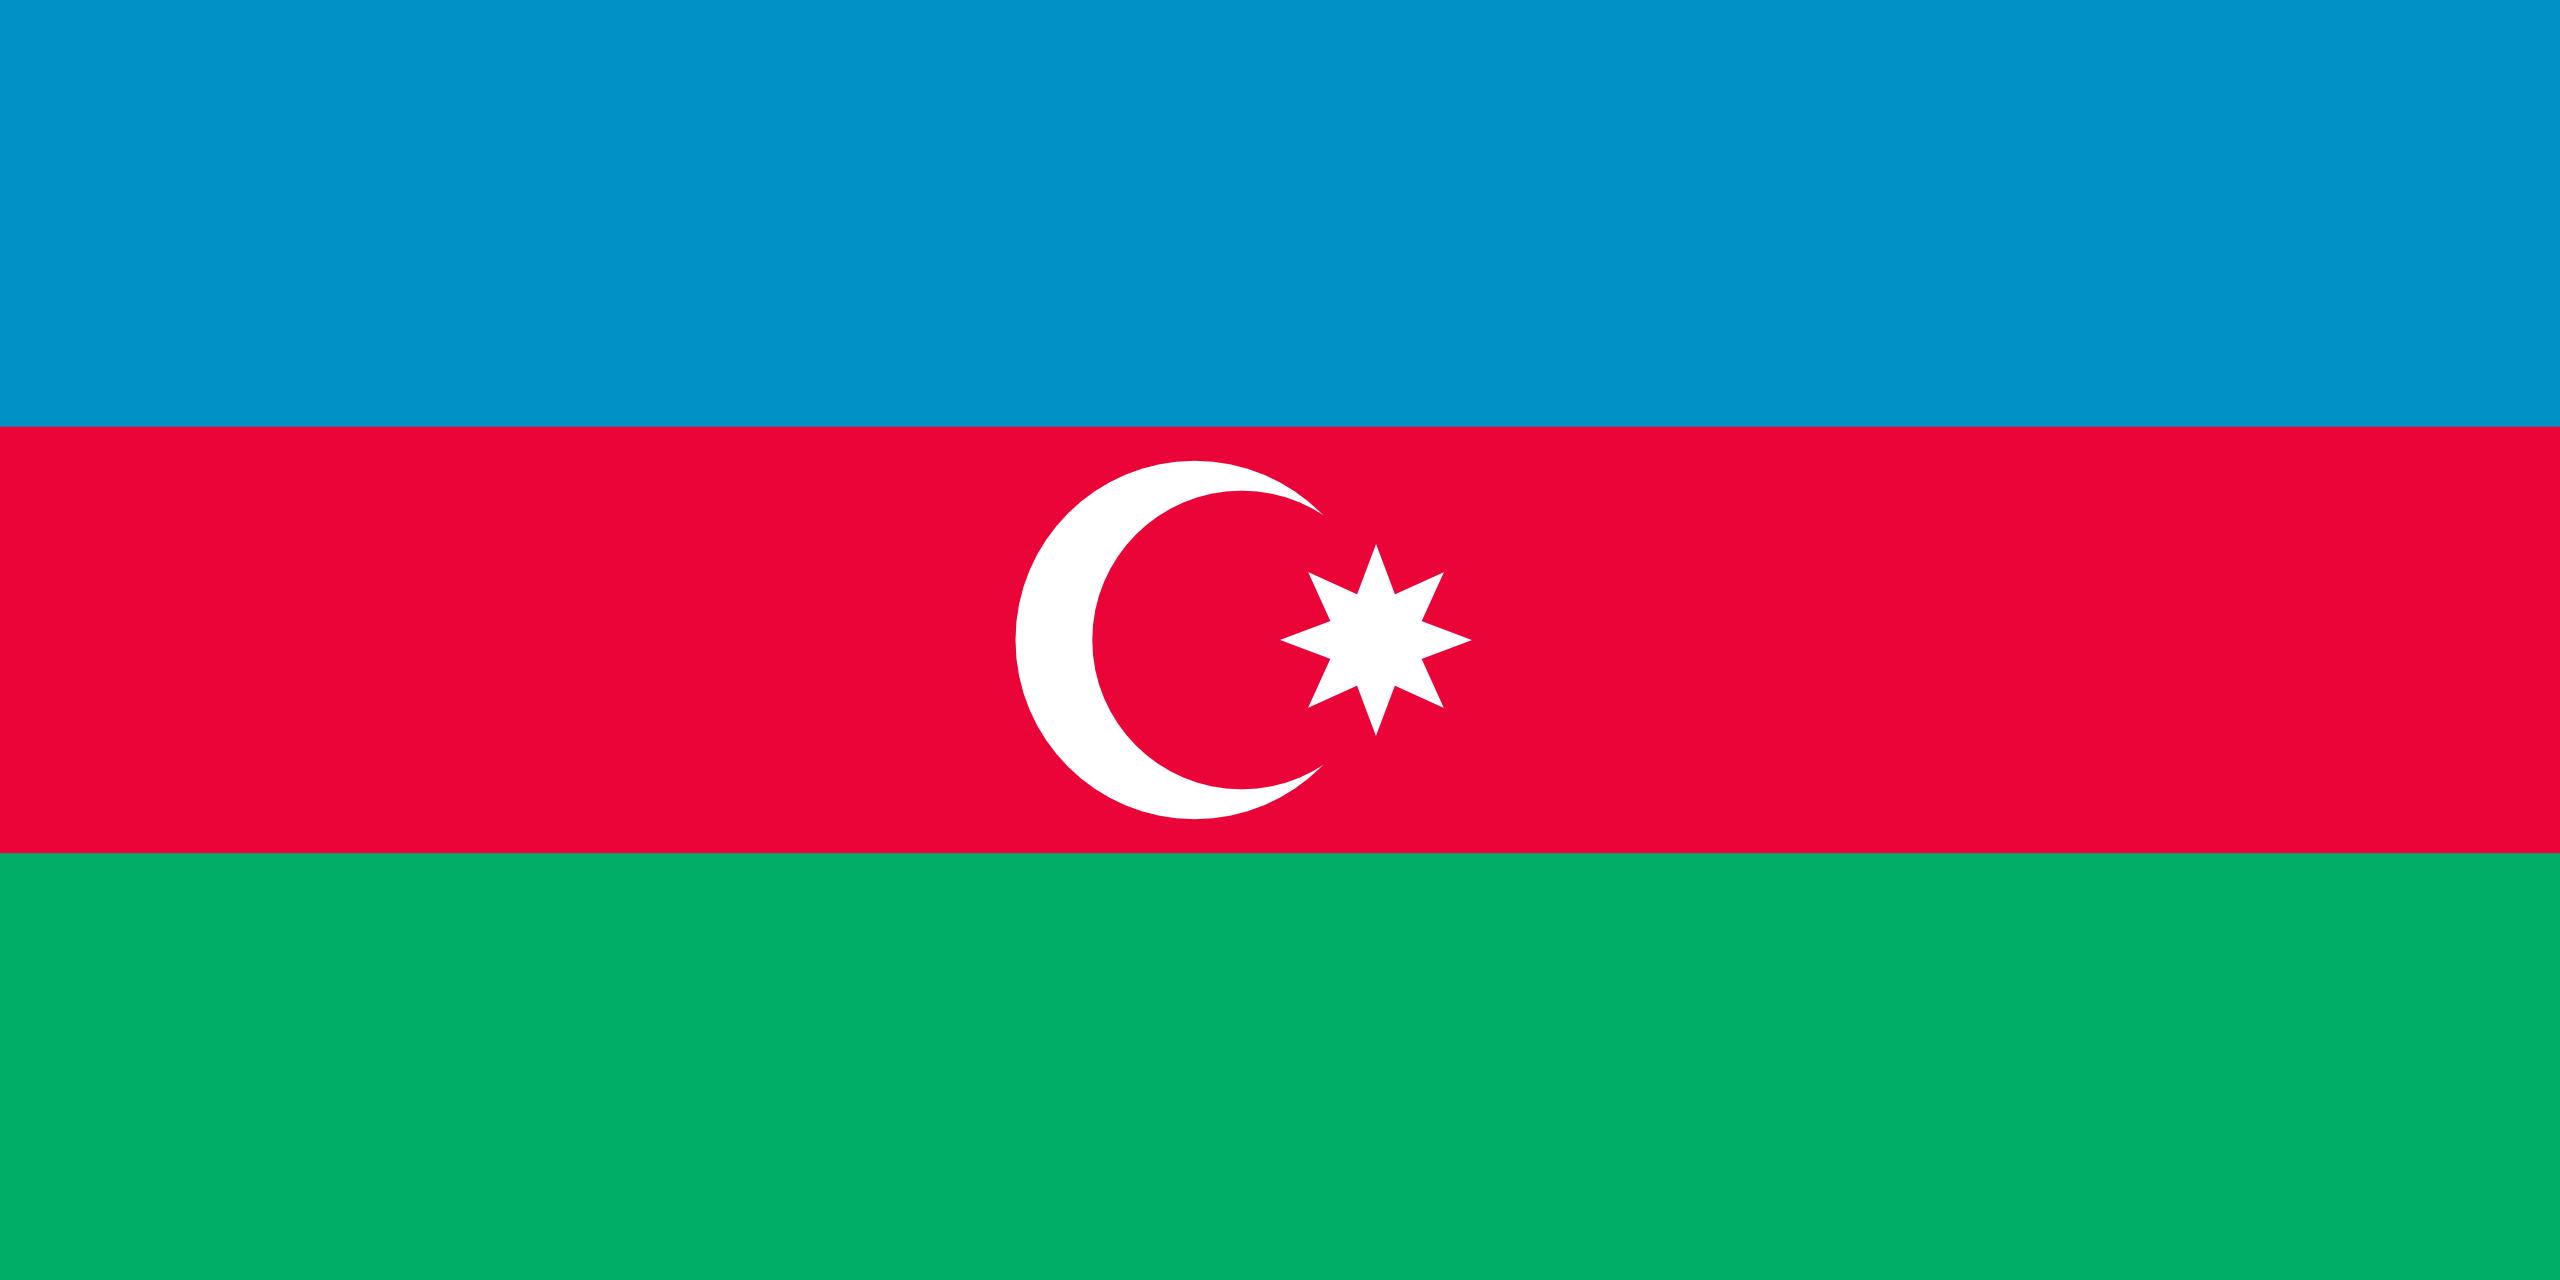 azerbaiyán, país, emblema, insignia, símbolo - Fondos de Pantalla HD - professor-falken.com